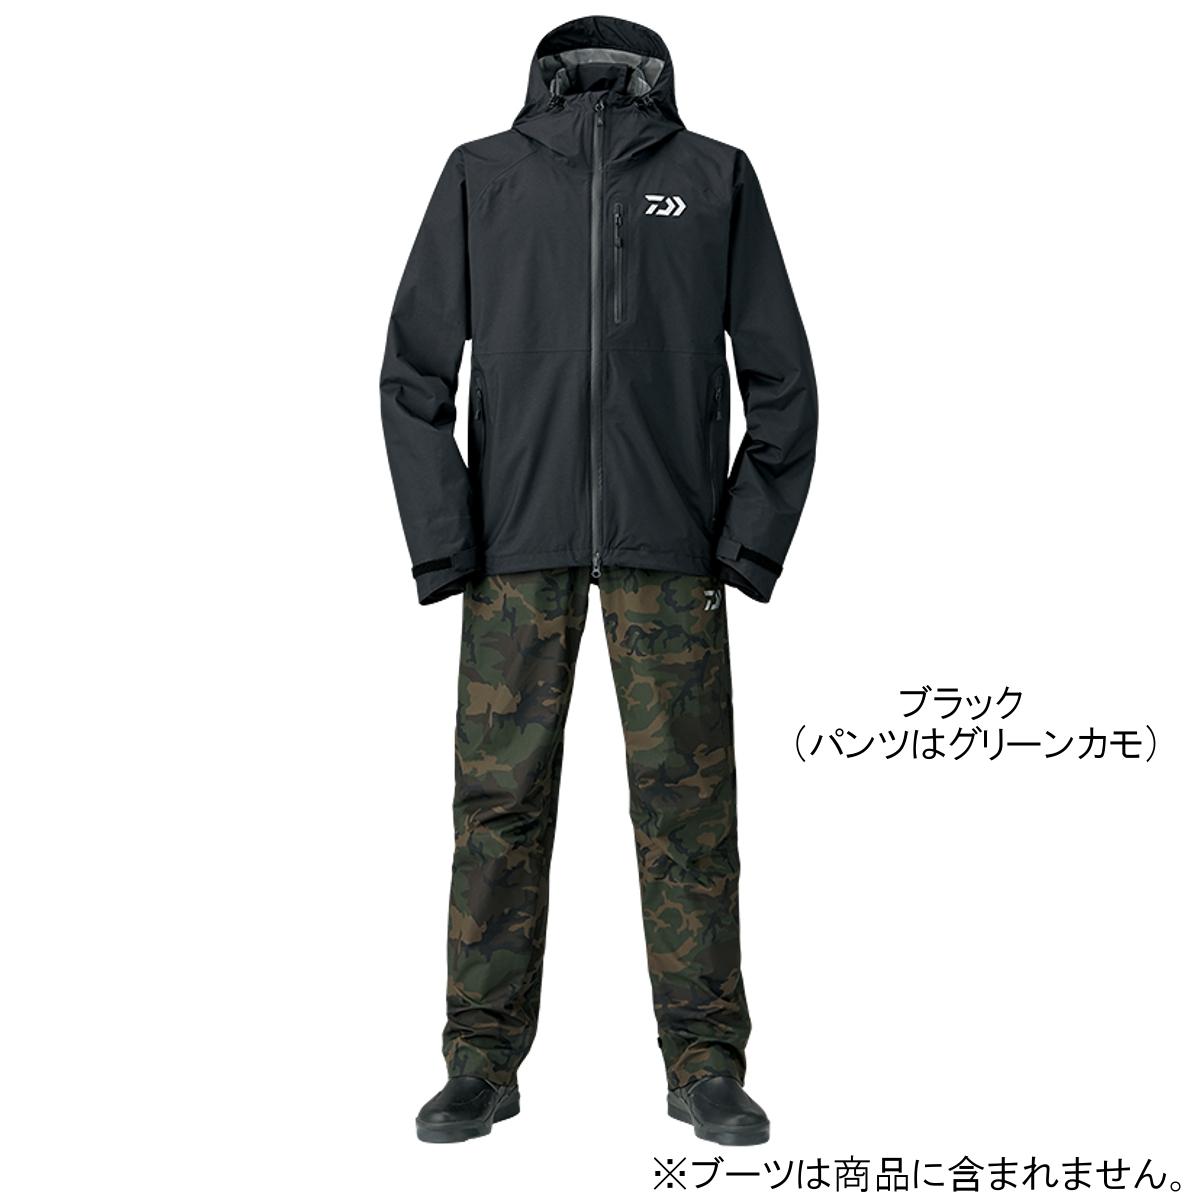 ダイワ レインマックス レインスーツ DR-33008 XL ブラック【送料無料】